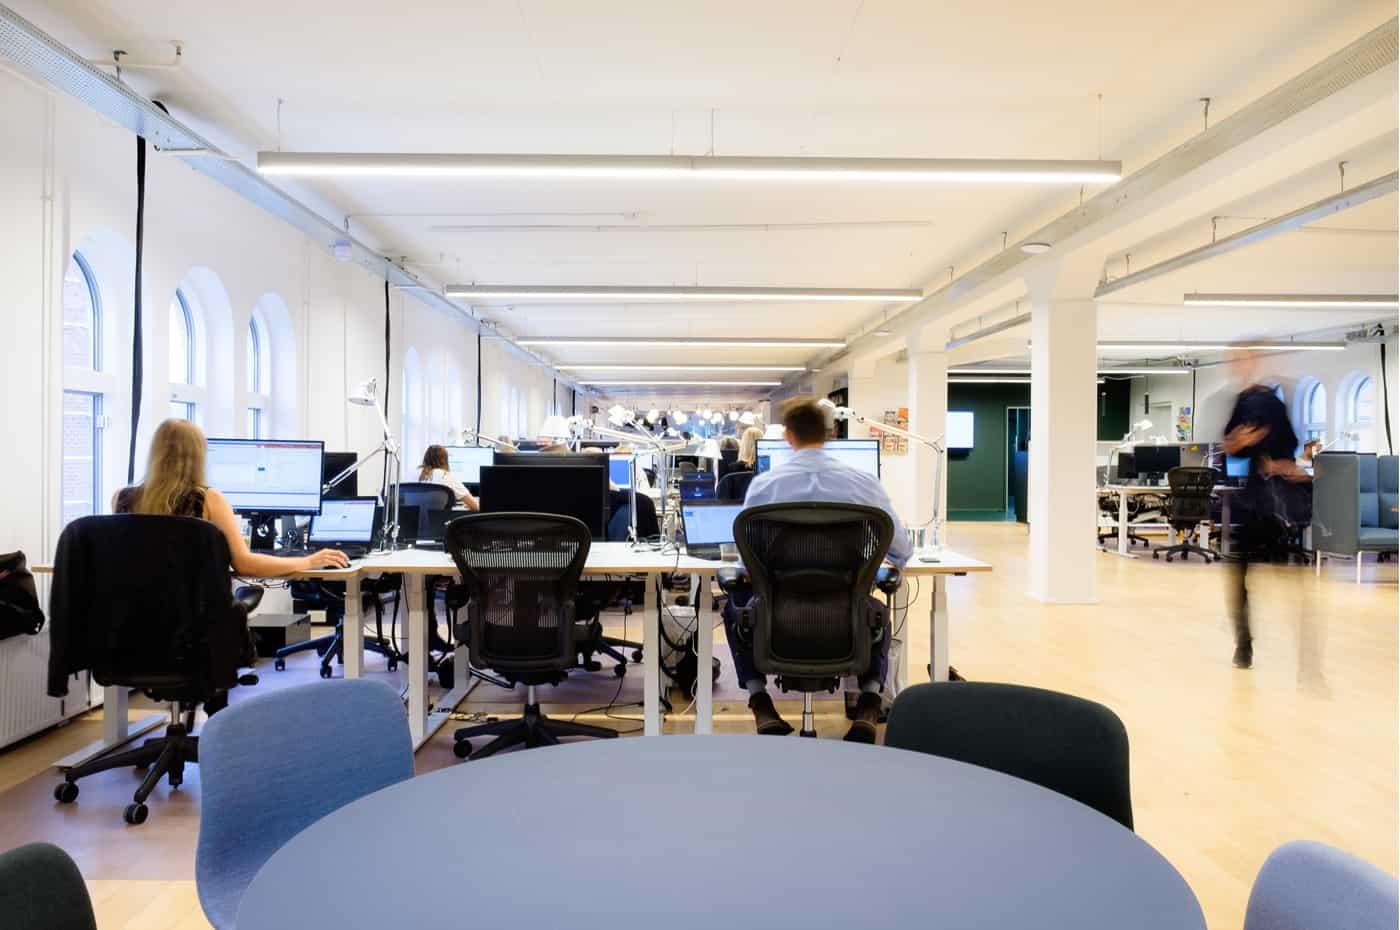 RITAarch, Indretning, spaceplanning, erhvervsindretning, kontorindretning, officedesign, specialinventar, interiør, Havas danmark, Havas